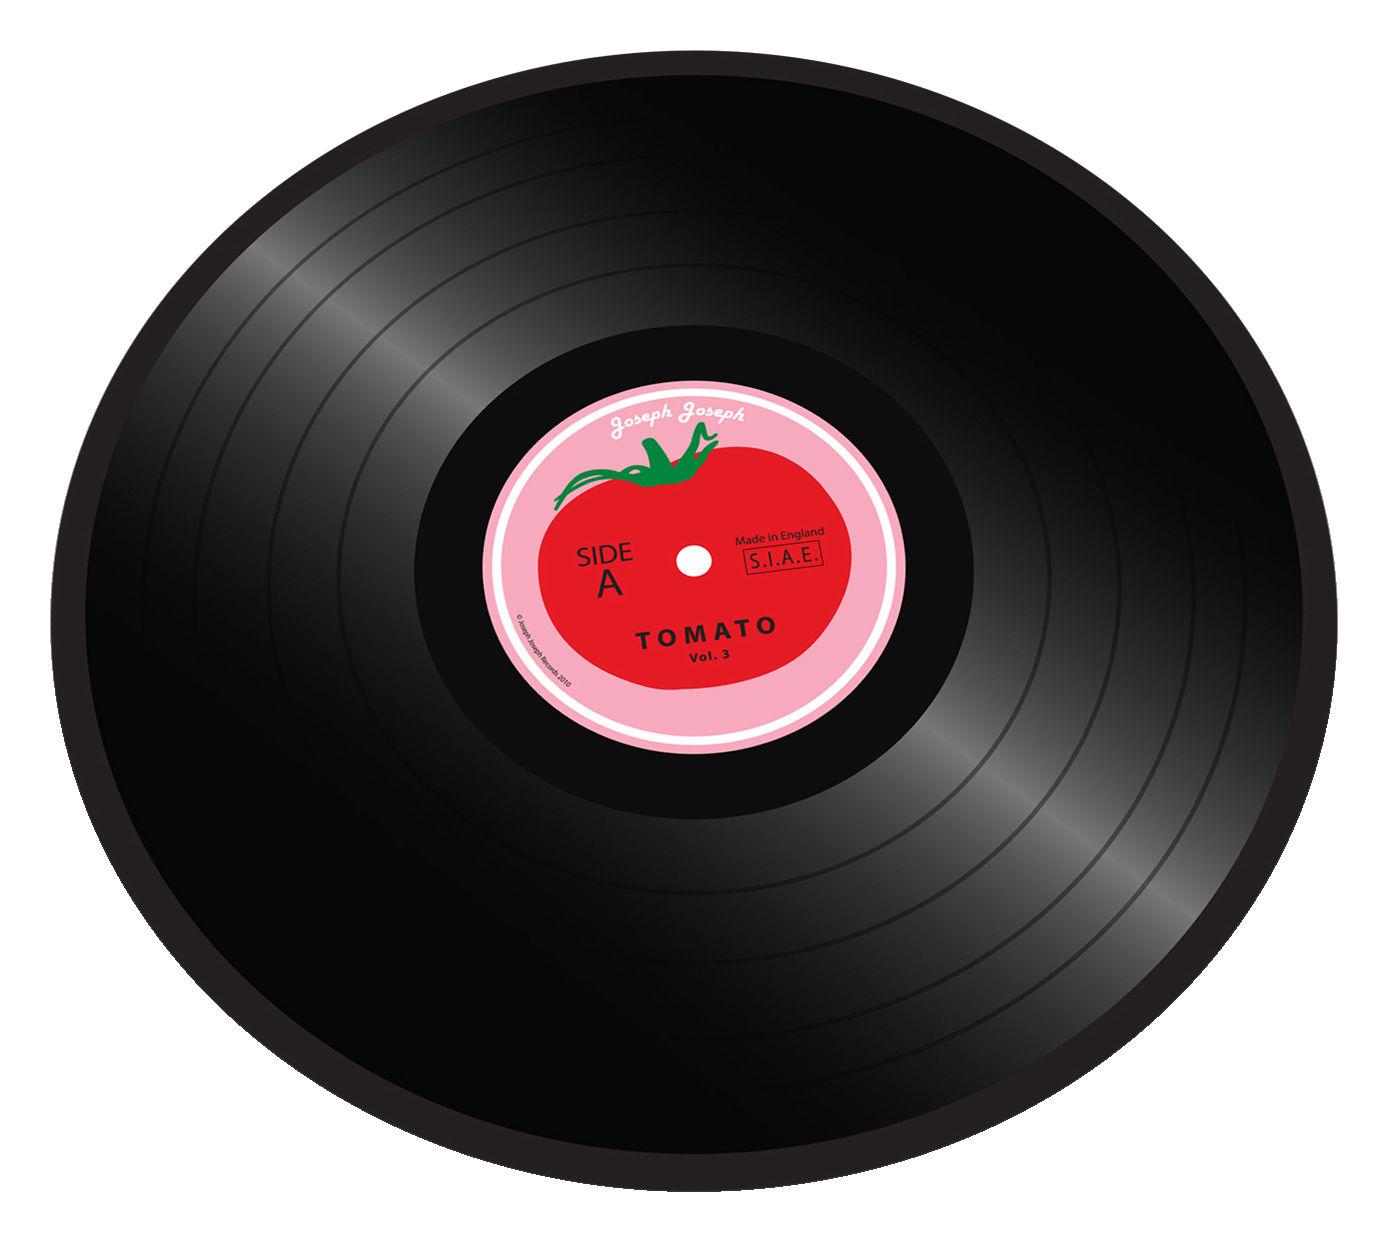 Arts de la table - Plateaux - Planche à découper Tomato vinyl / Plateau verre - Ø 30 cm - Joseph Joseph - Tomato Vinyl - Verre